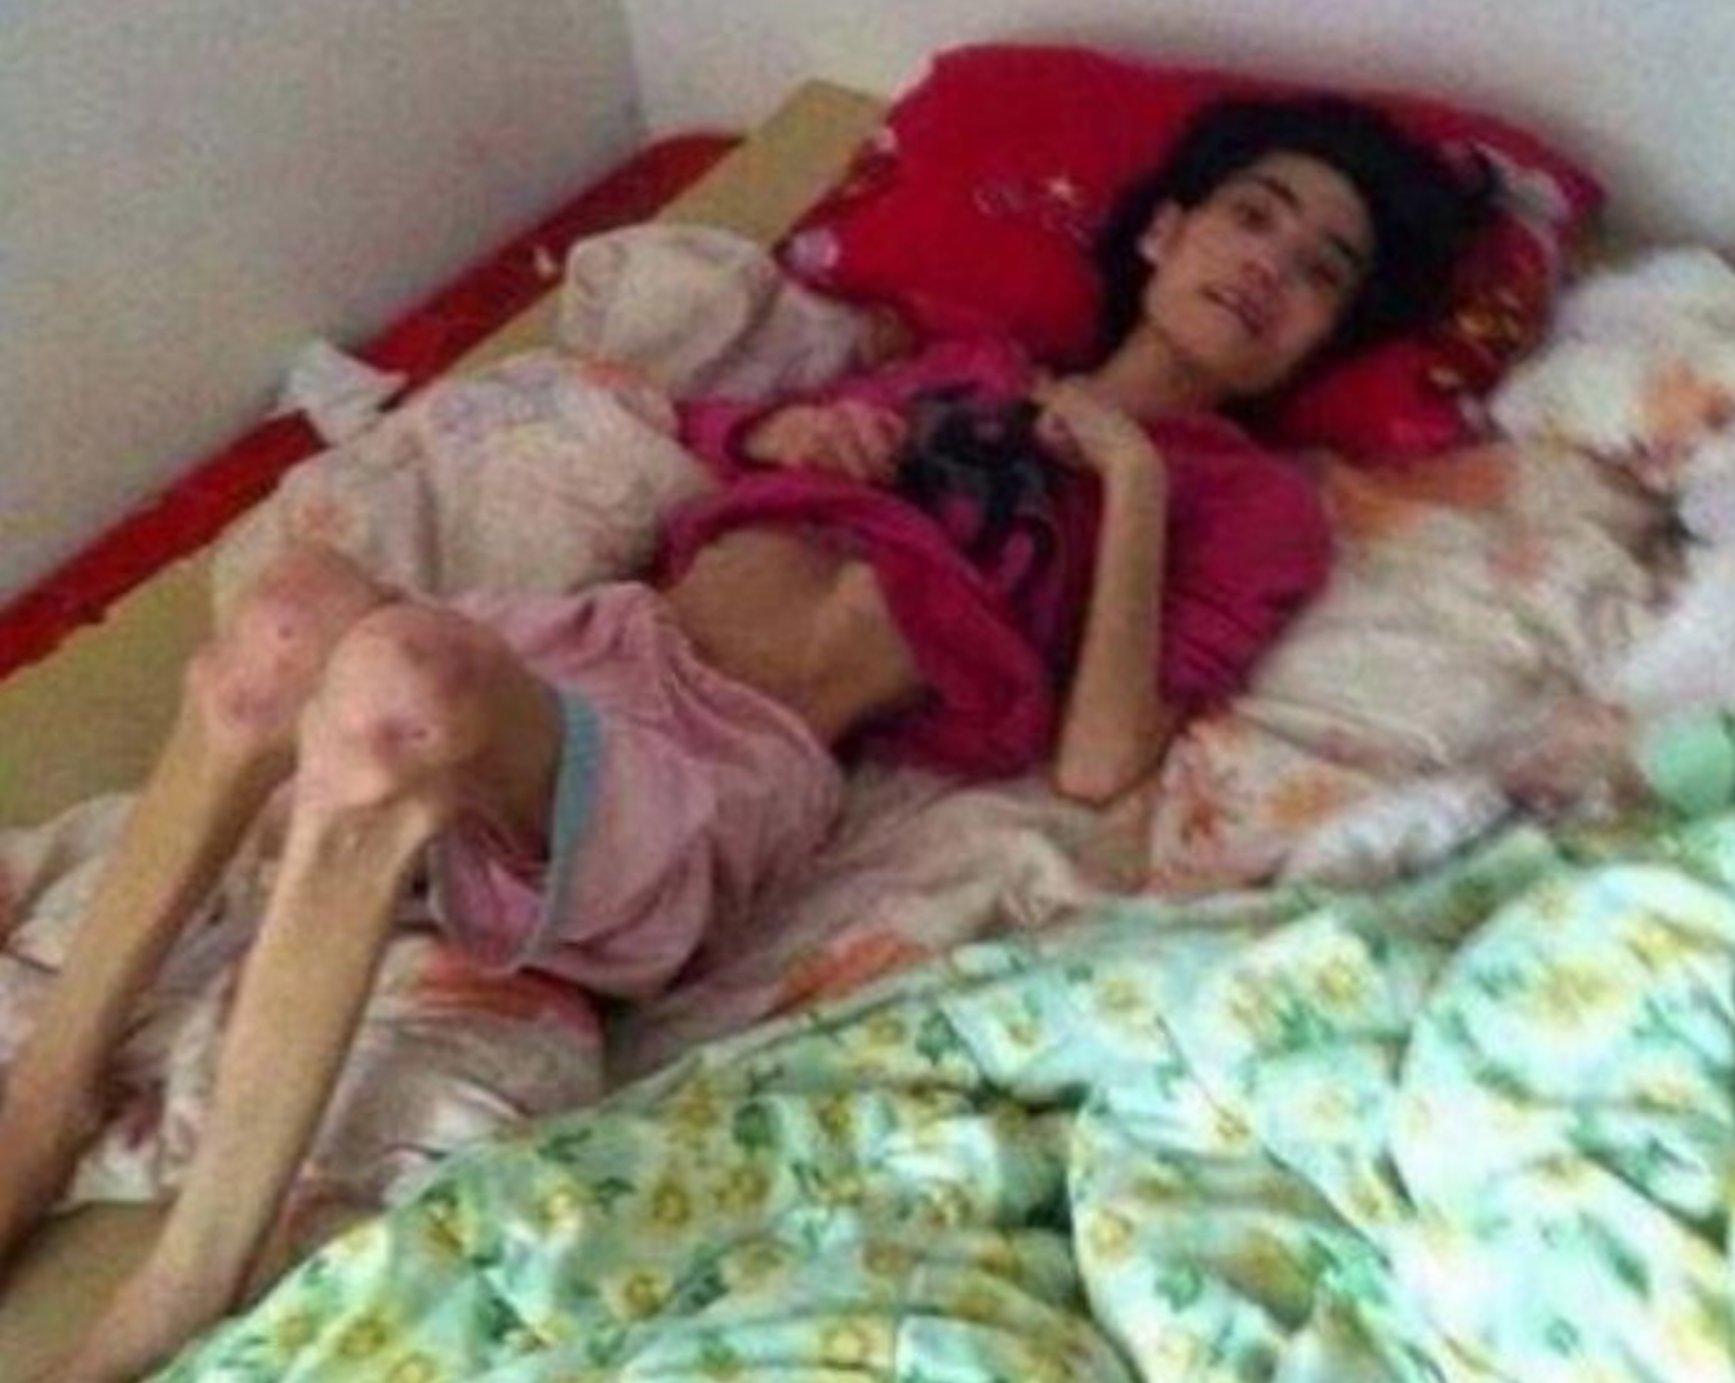 ecbaa1ecb298 - 시어머니의 학대로 체중 '18kg'의 반신불수가 된 여성...'경악'